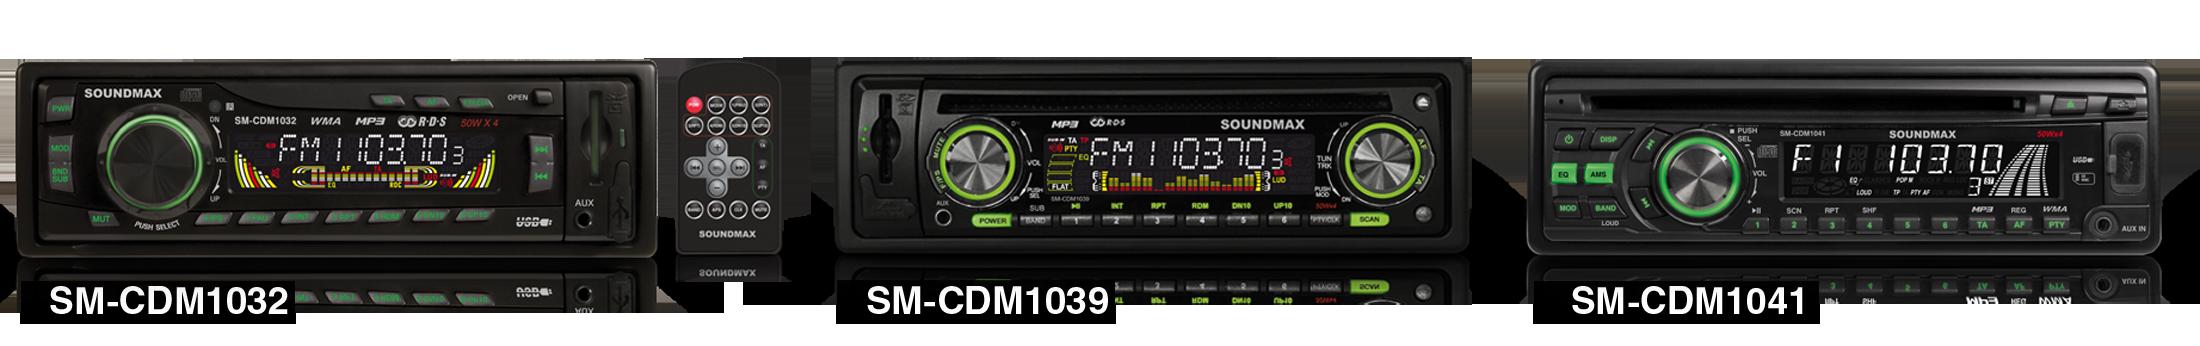 ...Soundmax повторно выводит на рынок три модели автомобильных CD/MP3/WMA-ресиверов SM-CDM1032, SM-CDM1041, SM-CDM1039.